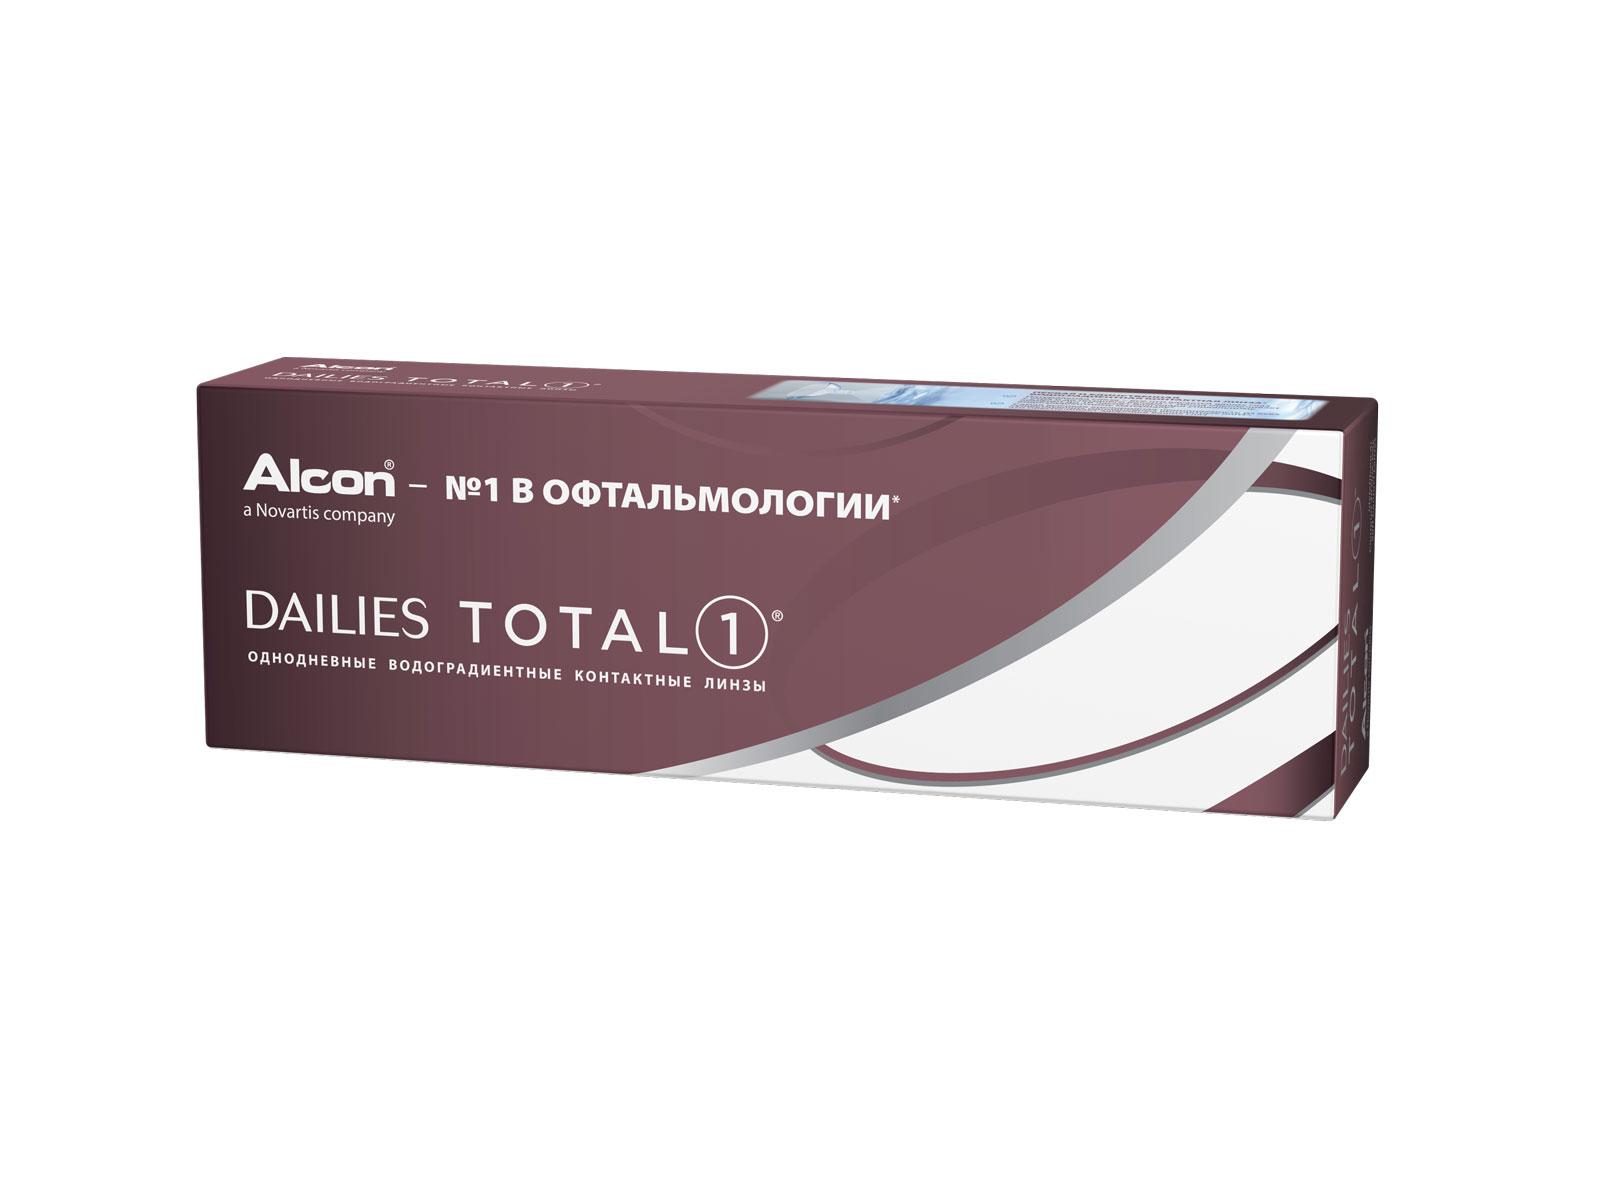 Alcon контактные линзы Dailies Total 1 30pk /+5.00 / 8.5 / 14.1100041931Dailies Total 1 – линзы, которые не чувствуешь с утра и до поздного вечера. Эти однодневные контактные линзы выполнены из уникального водоградиентного материала, багодаря которому натуральная слеза – это все, что касается ваших глаз. Почти 100% влаги на поверхности обеспечивают непревзойденный комфорт до 16 часов ношения.